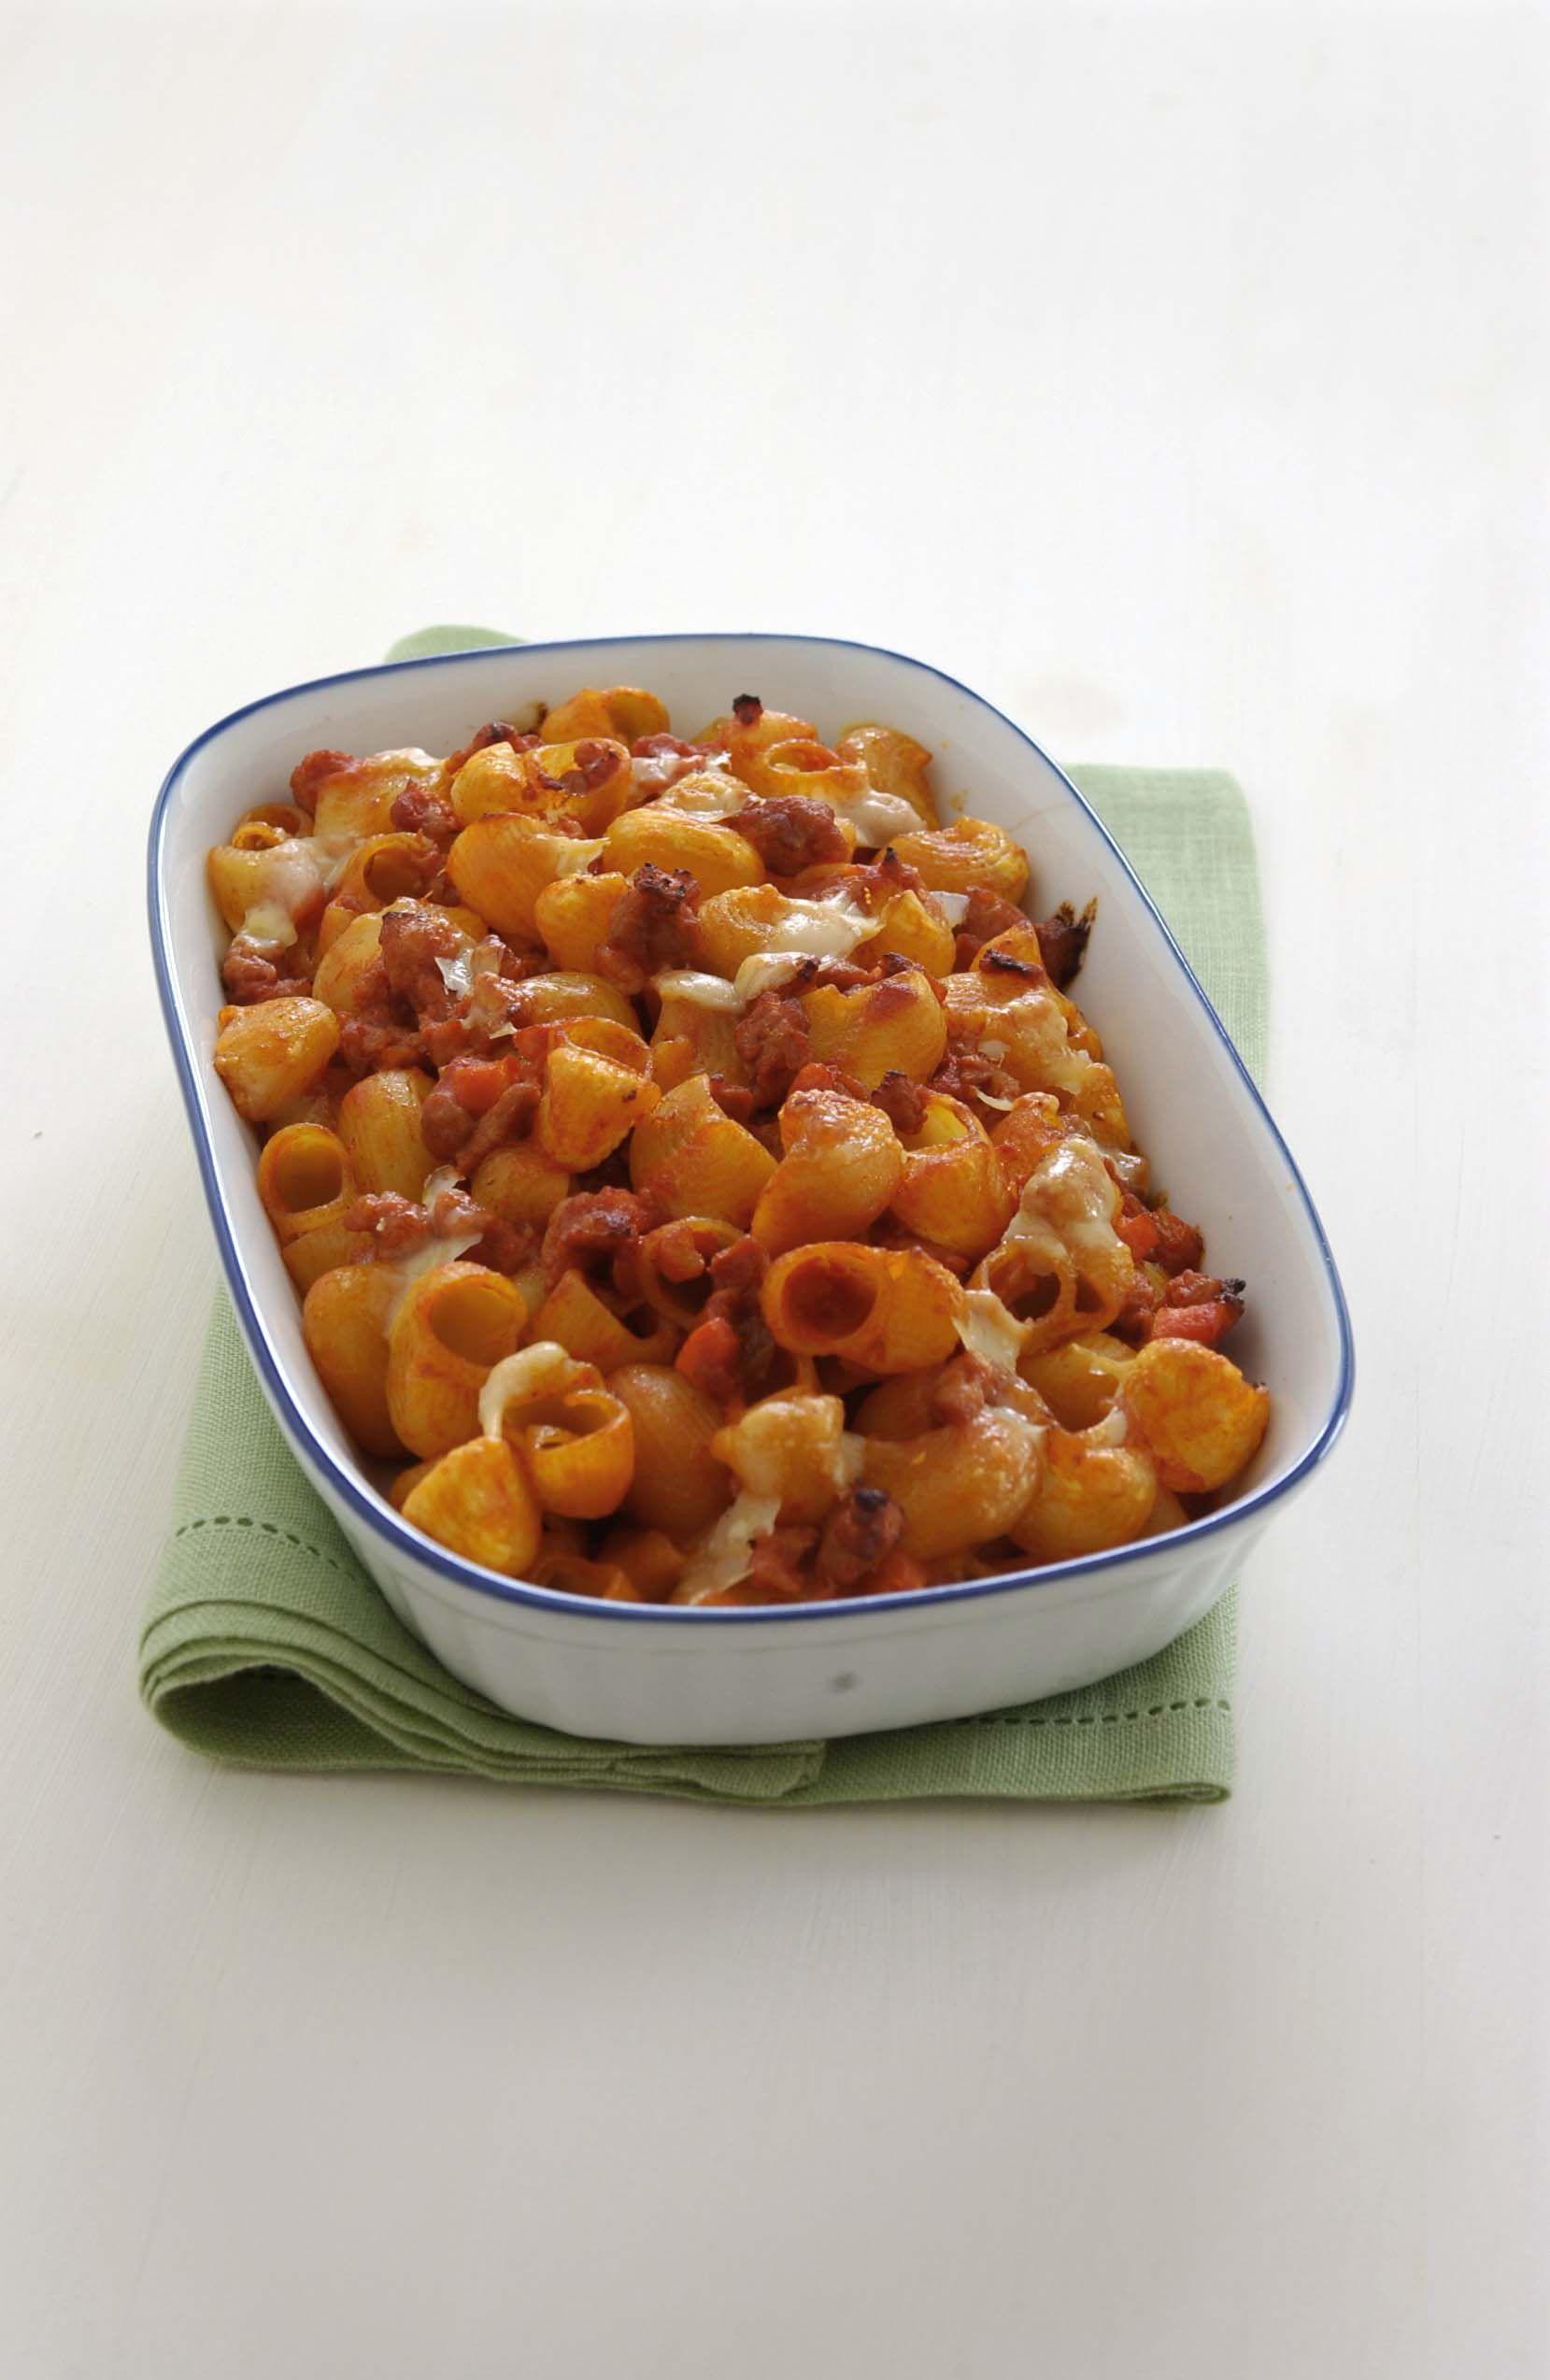 10 migliori ricette di pasta al forno